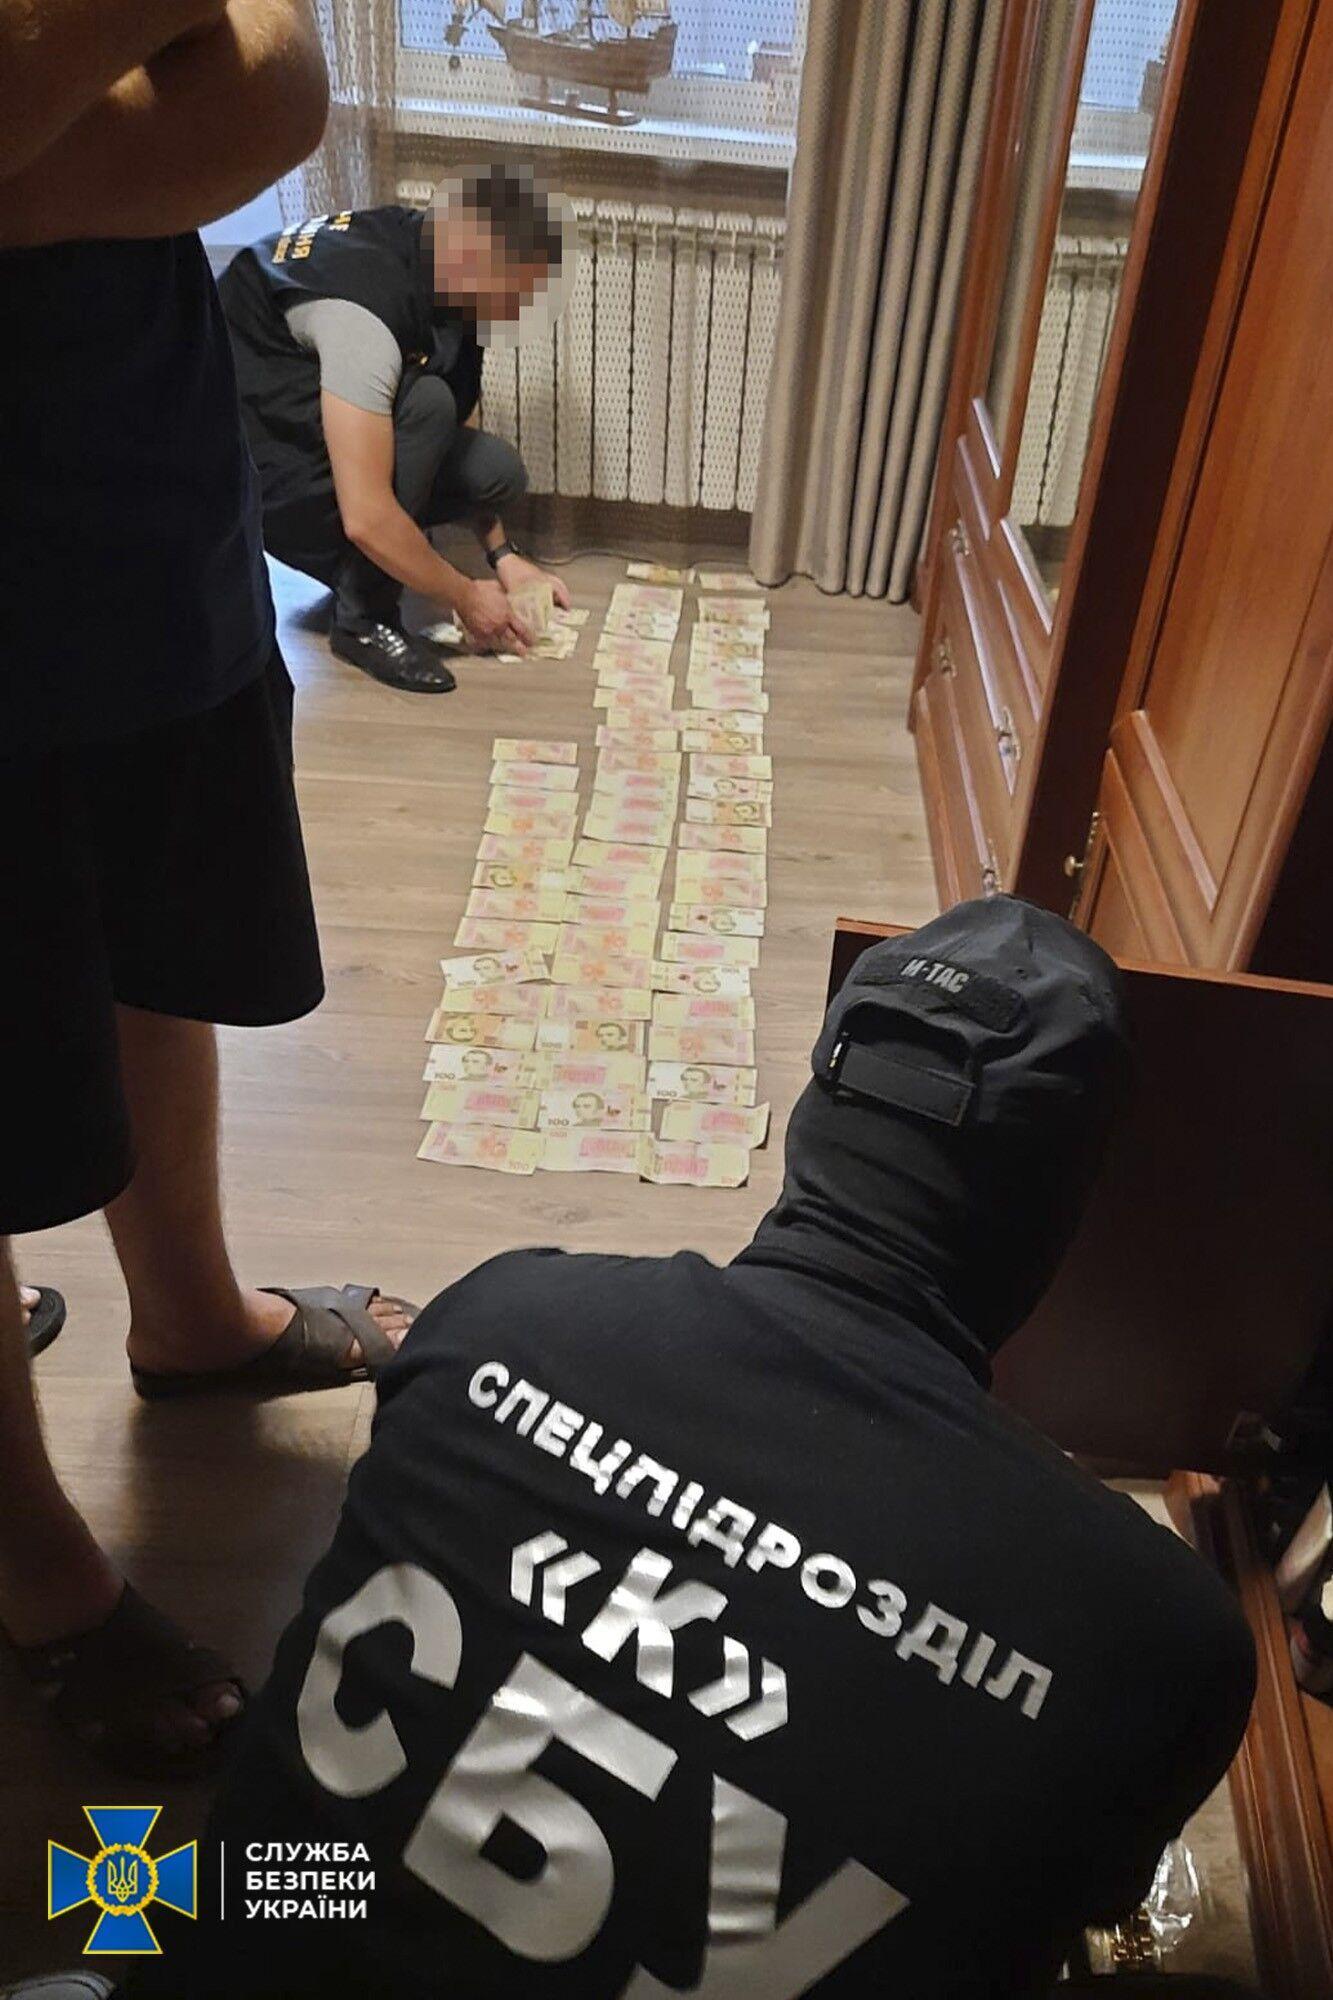 """У членів ОЗГ виявили великі суми грошей, ймовірно, незаконно вилучених у """"боржників"""""""